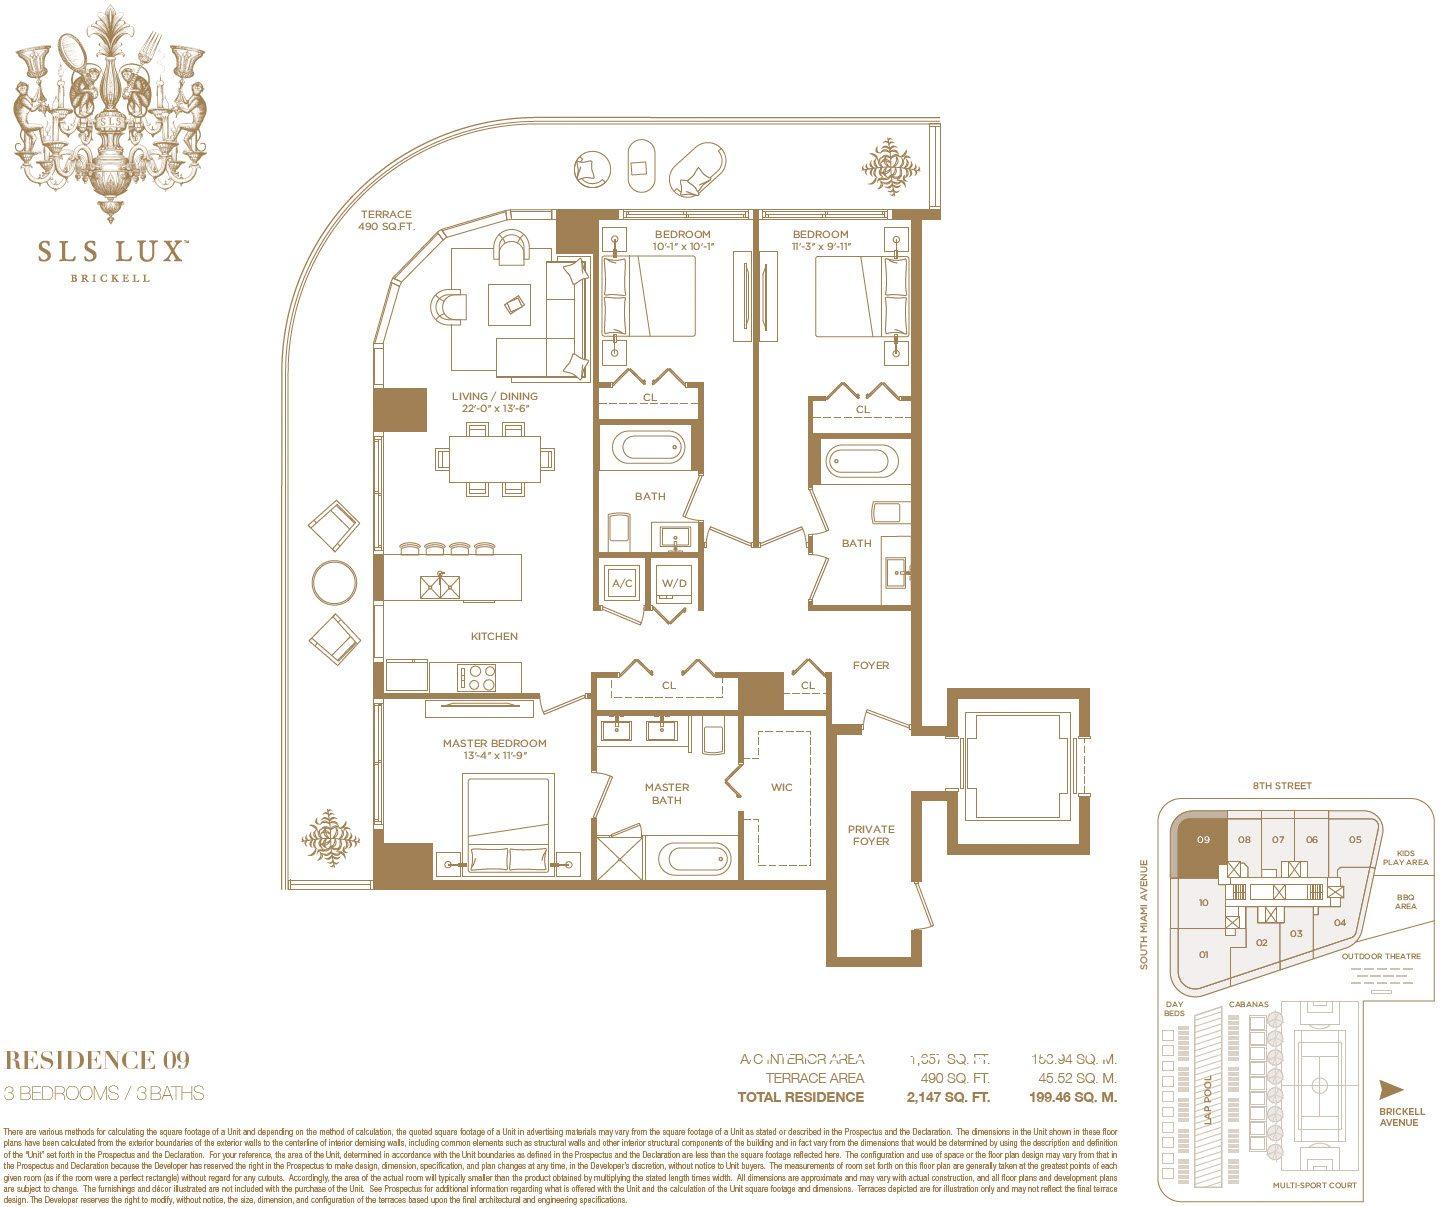 SLS Lux 09 line floor plan